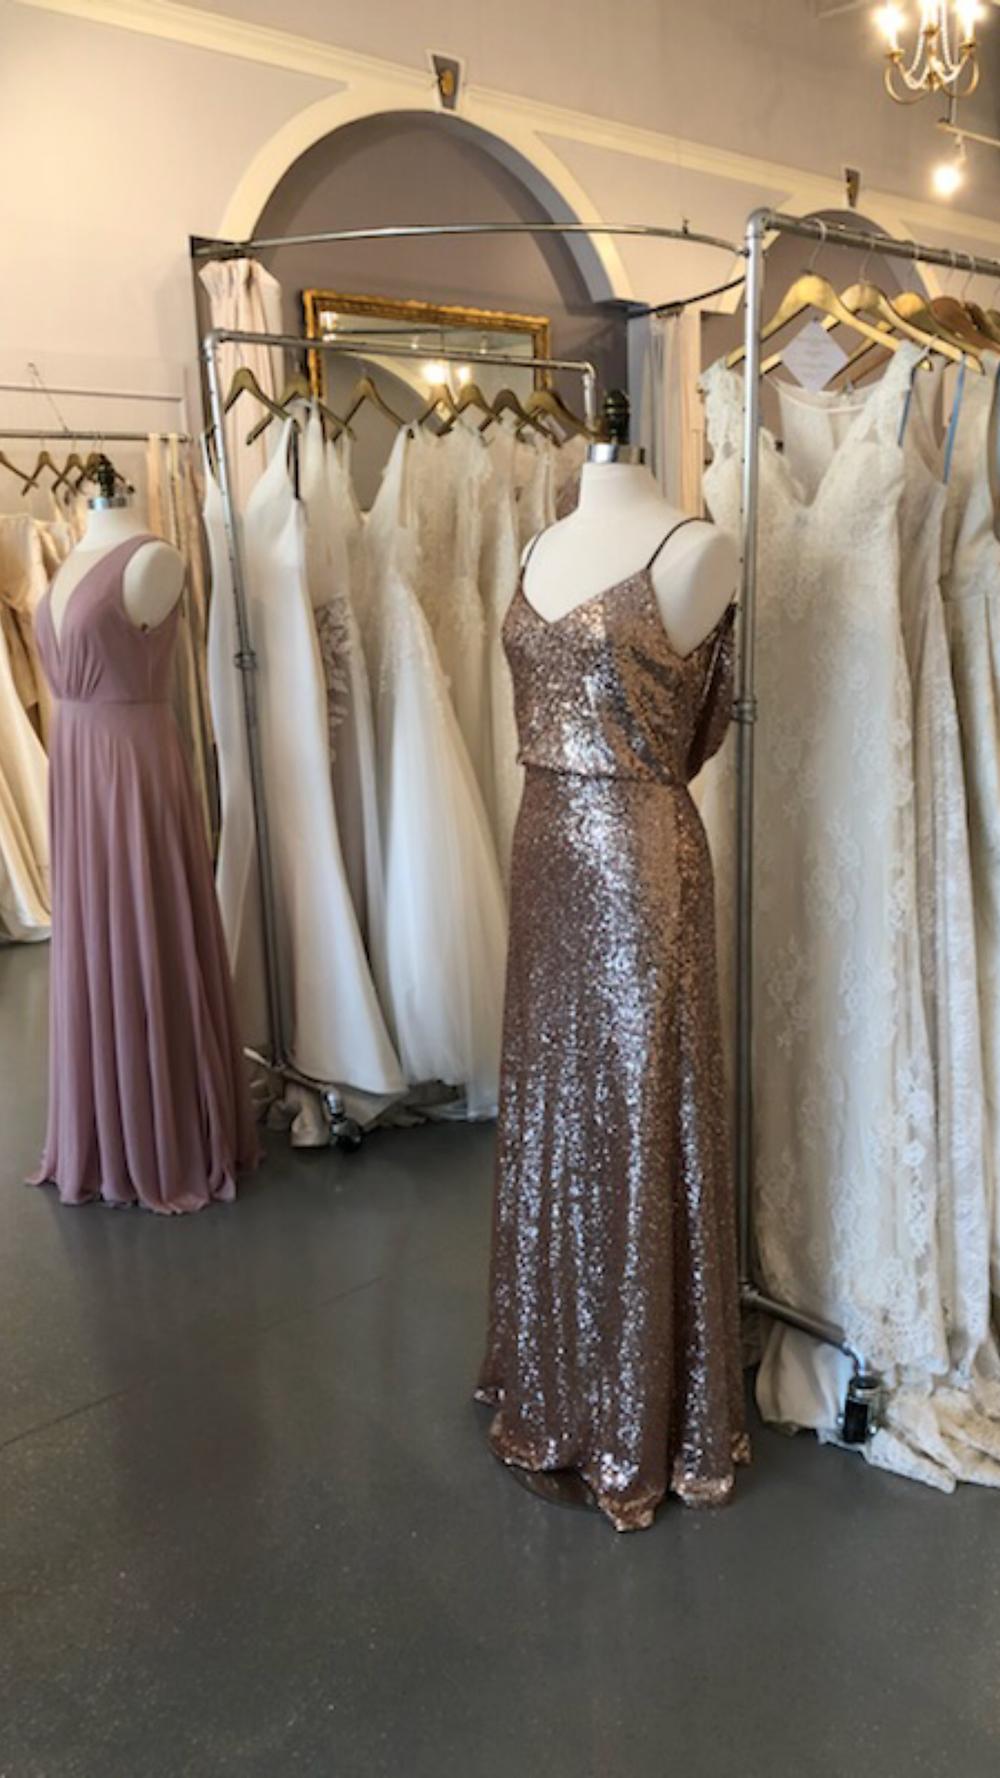 Bella Bridesmaid Gowns at Southern Protocol Bridal